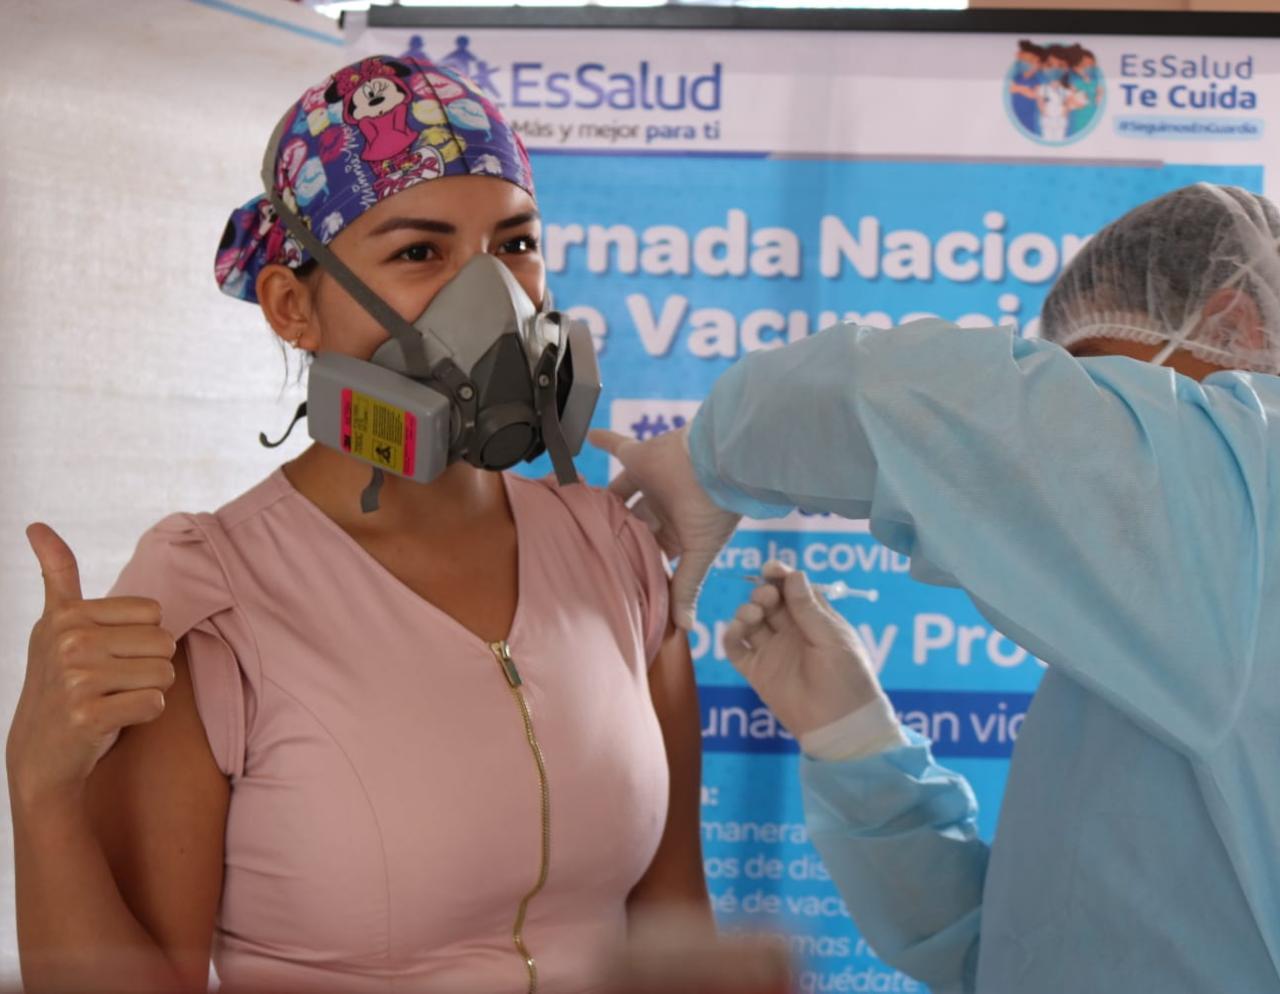 Essalud - EsSalud Huánuco continúa vacunación contra la Covid-19 al personal de salud